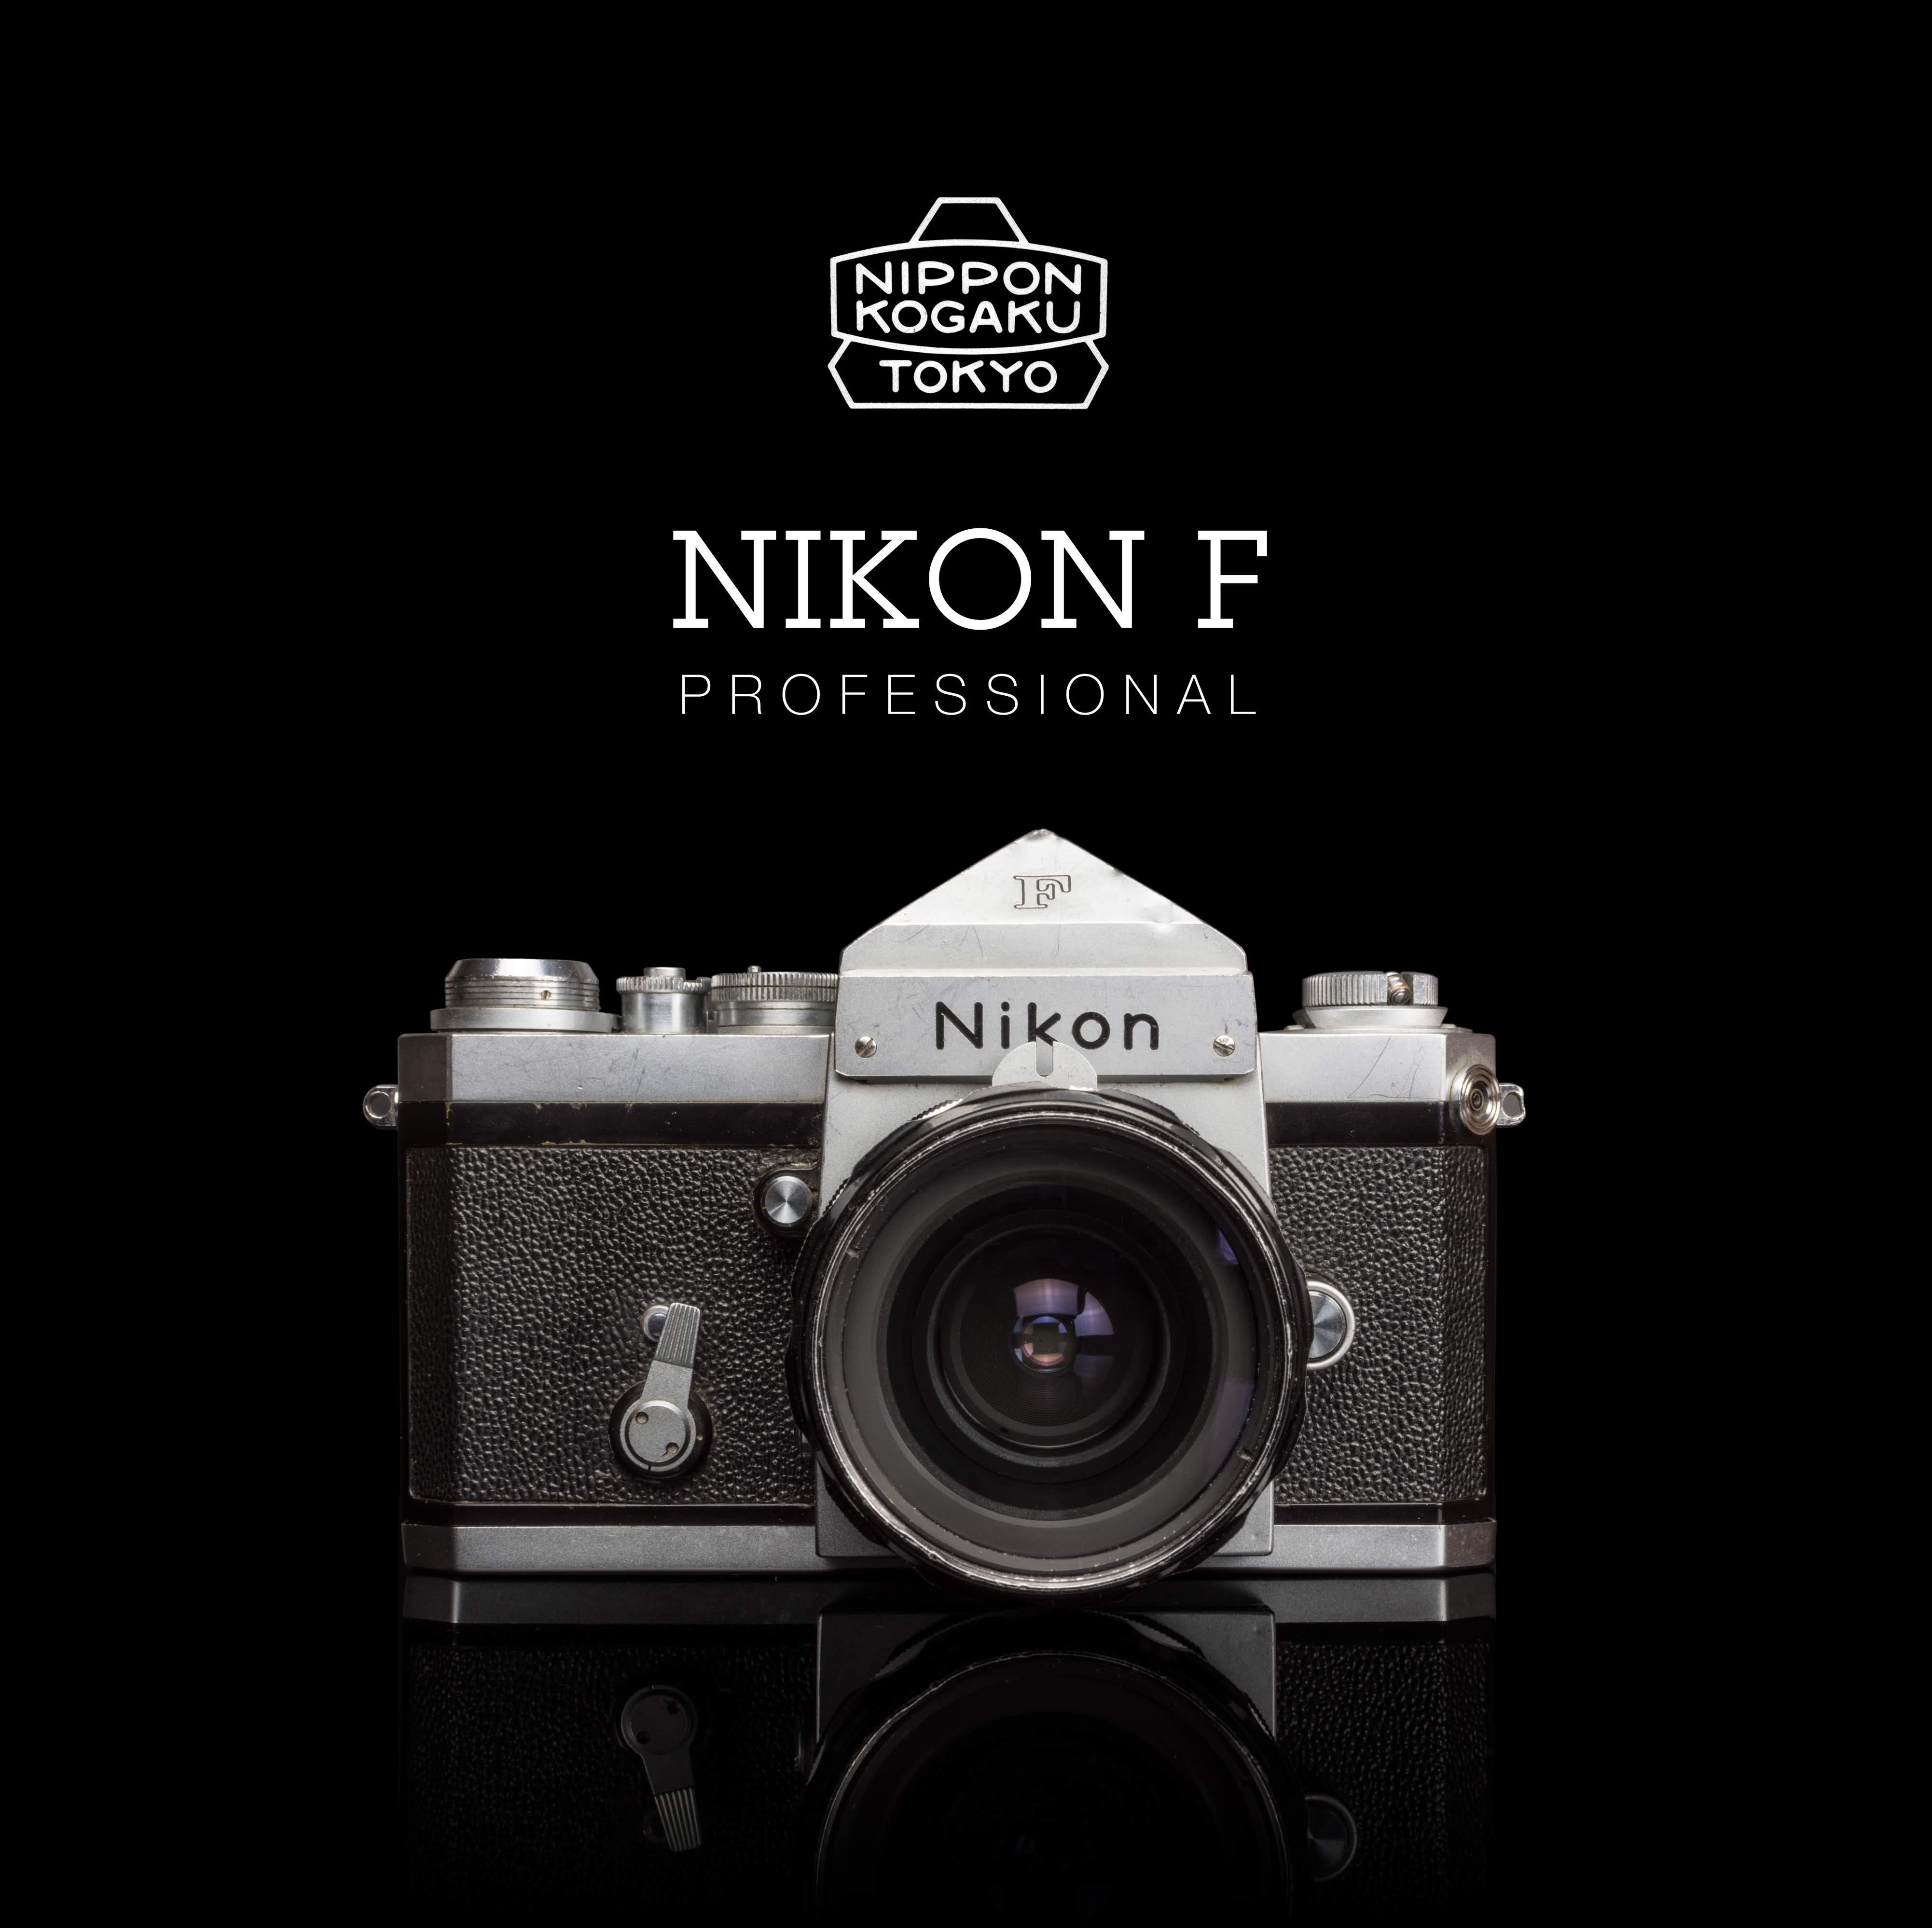 Nippon Kogaku Tokyo Nikon F